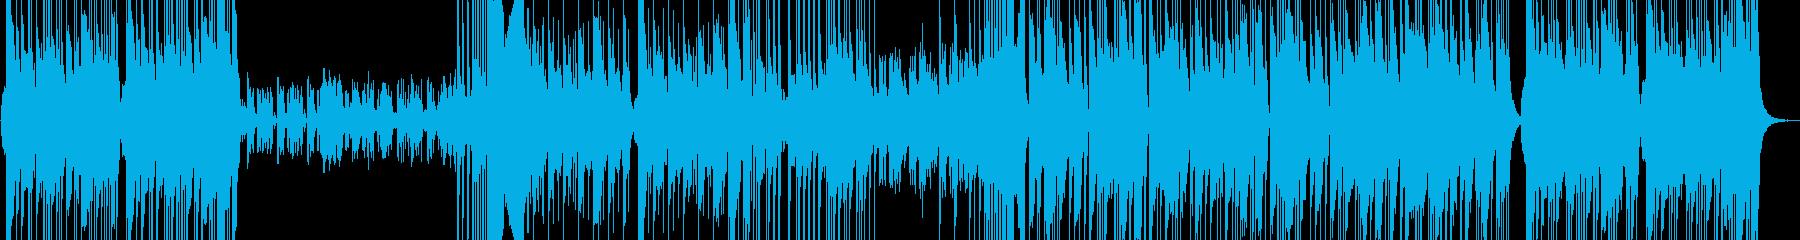 オーケストラ風の三拍子ミッドテンポの再生済みの波形